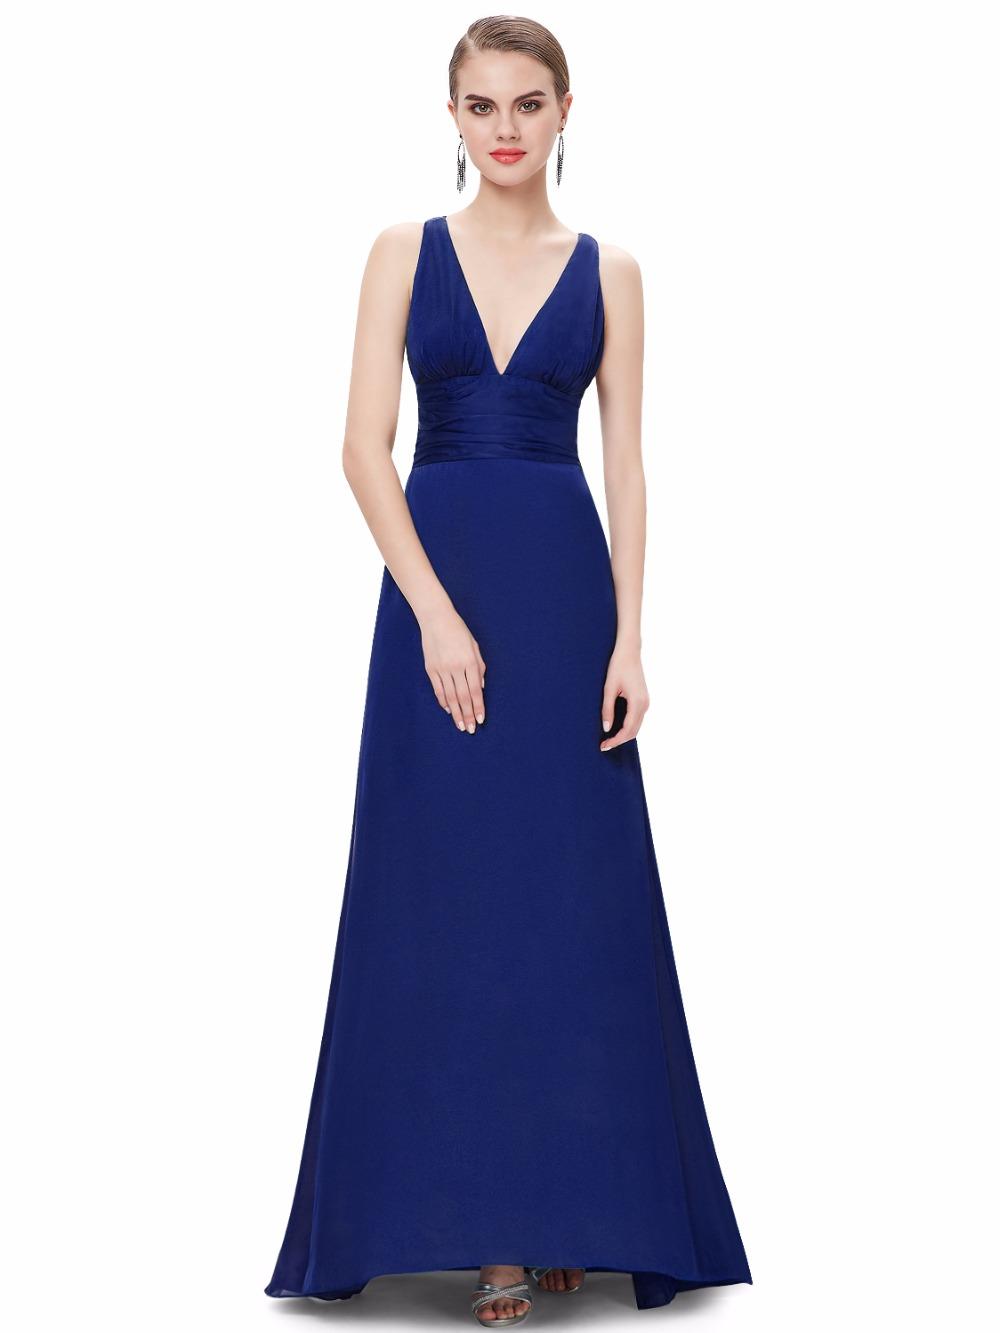 Kvalitné spol. šaty Ever Pretty - EU 42/44 - Obrázok č. 1